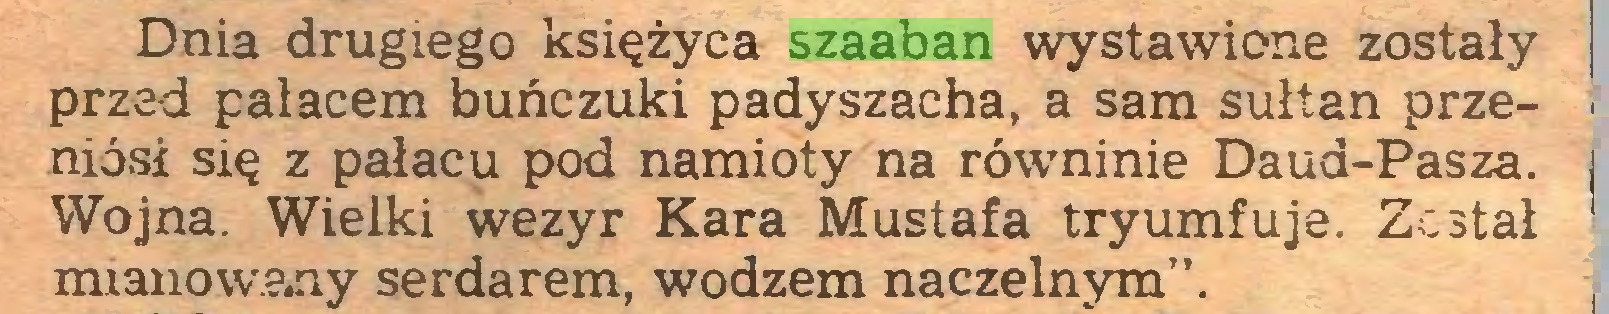 """(...) Dnia drugiego księżyca szaaban wystawione zostały przed pałacem buńczuki padyszacha, a sam sułtan przeniósł się z pałacu pod namioty na równinie Daud-Pasza. j Wojna. Wielki wezyr Kara Mustafa tryumfuje. Został mianowany serdarem, wodzem naczelnym""""..."""